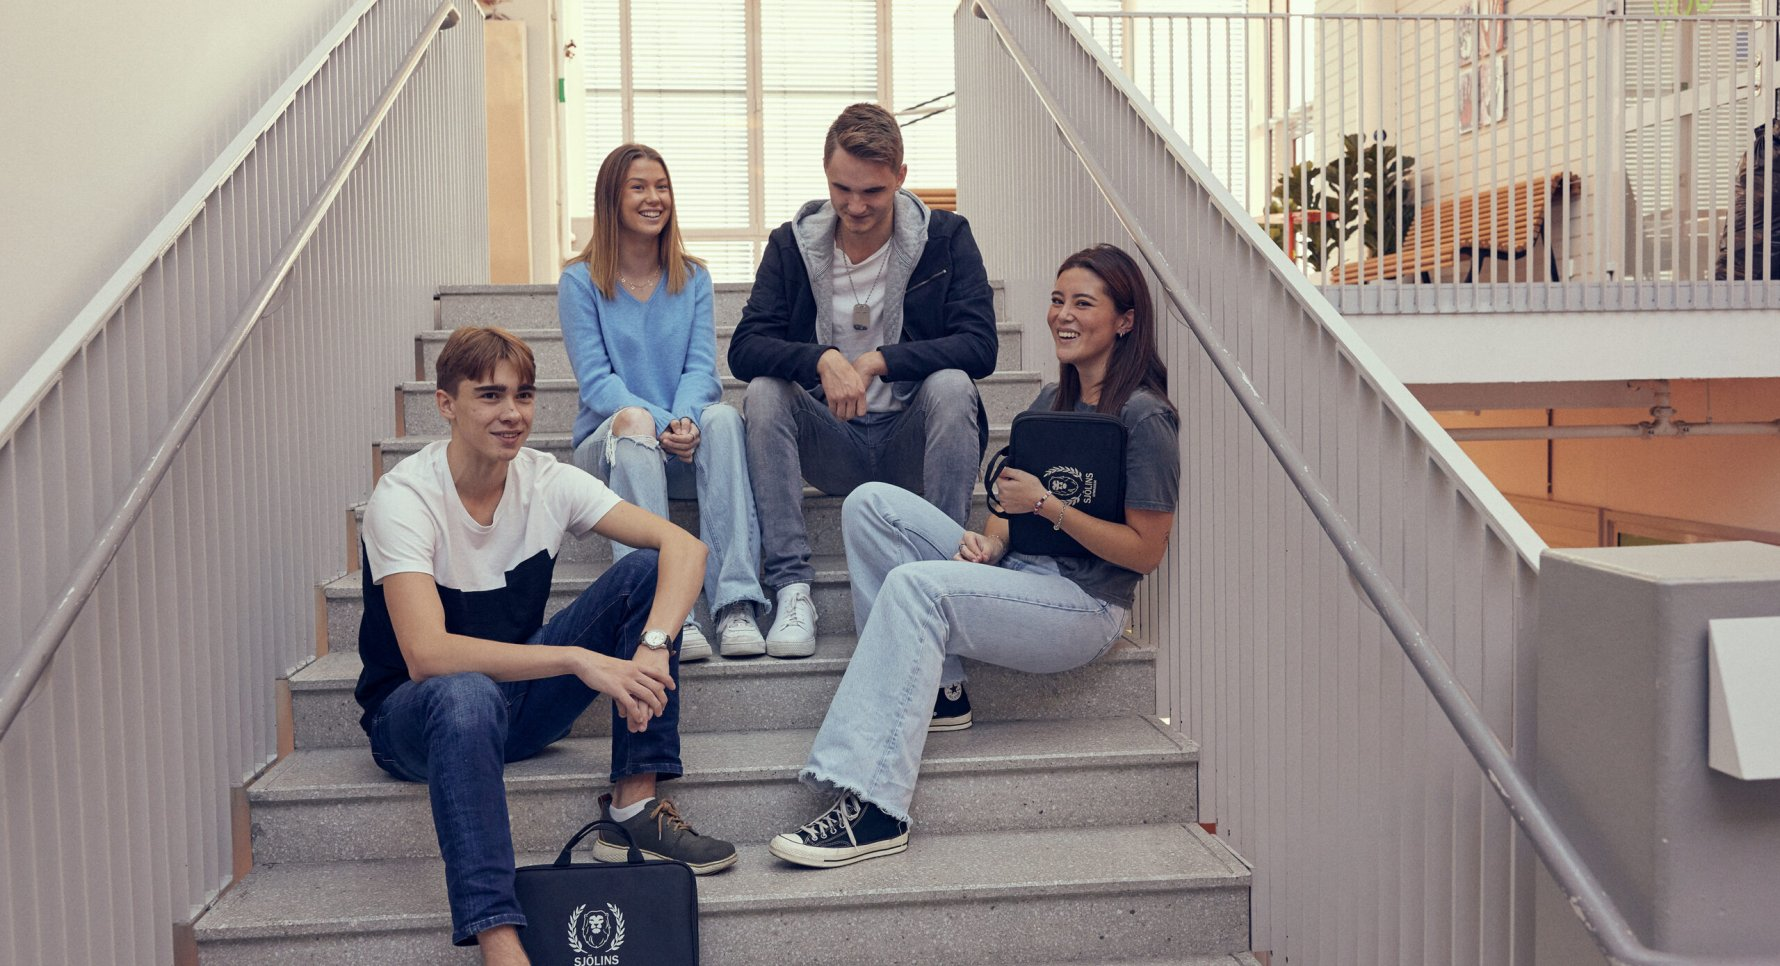 Elever sitter i trappa och hänger i Sjölins Gymnasium.